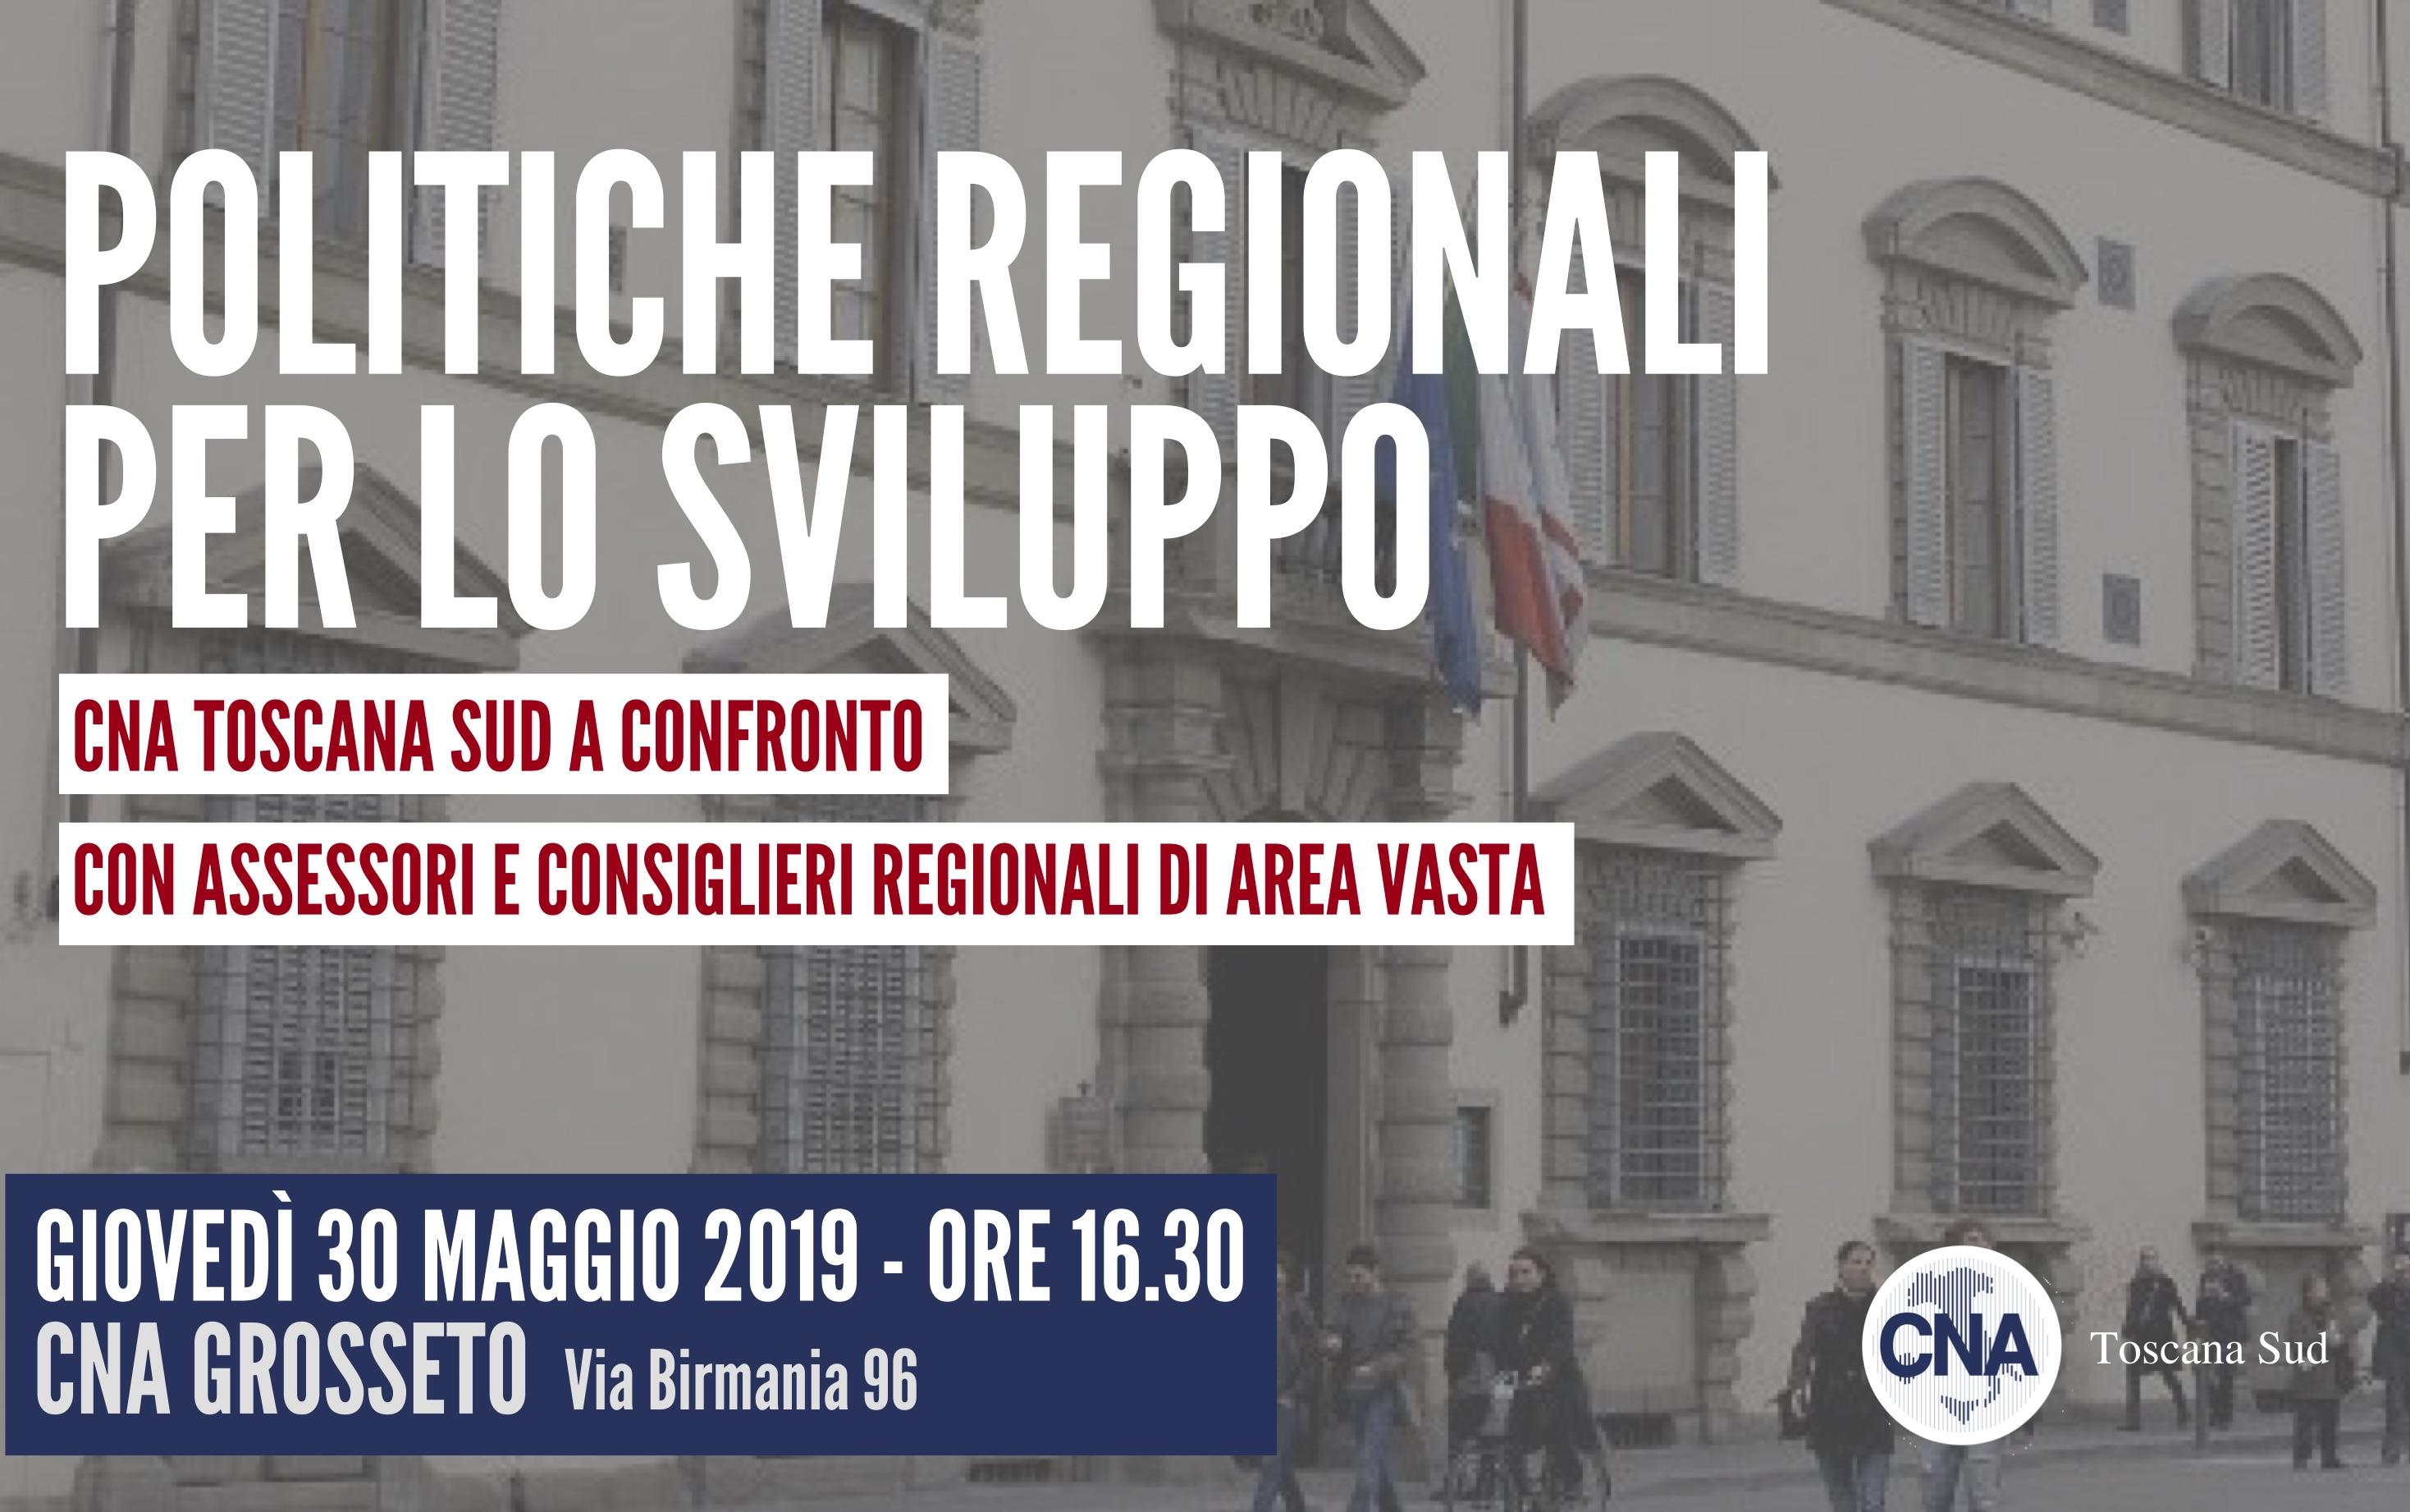 Politiche regionali per lo sviluppo: CNA Toscana sud incontra a Grosseto i rappresentati della Regione